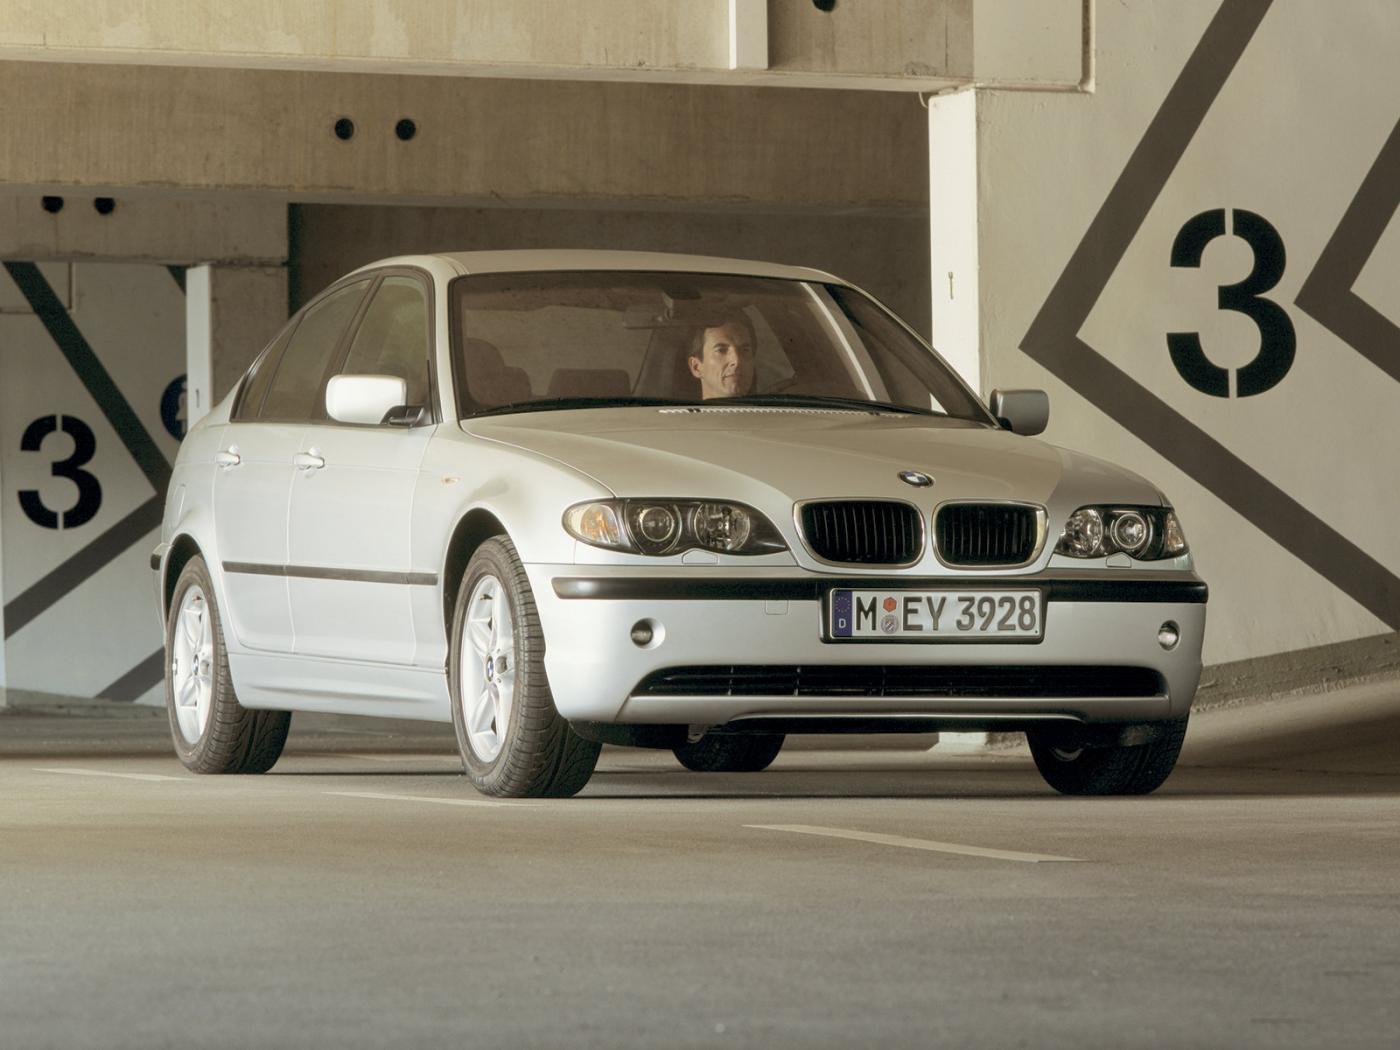 Serie-3-E46-Les-problemes-de-Papillons-clapets-d-admission-d-air--1.jpeg